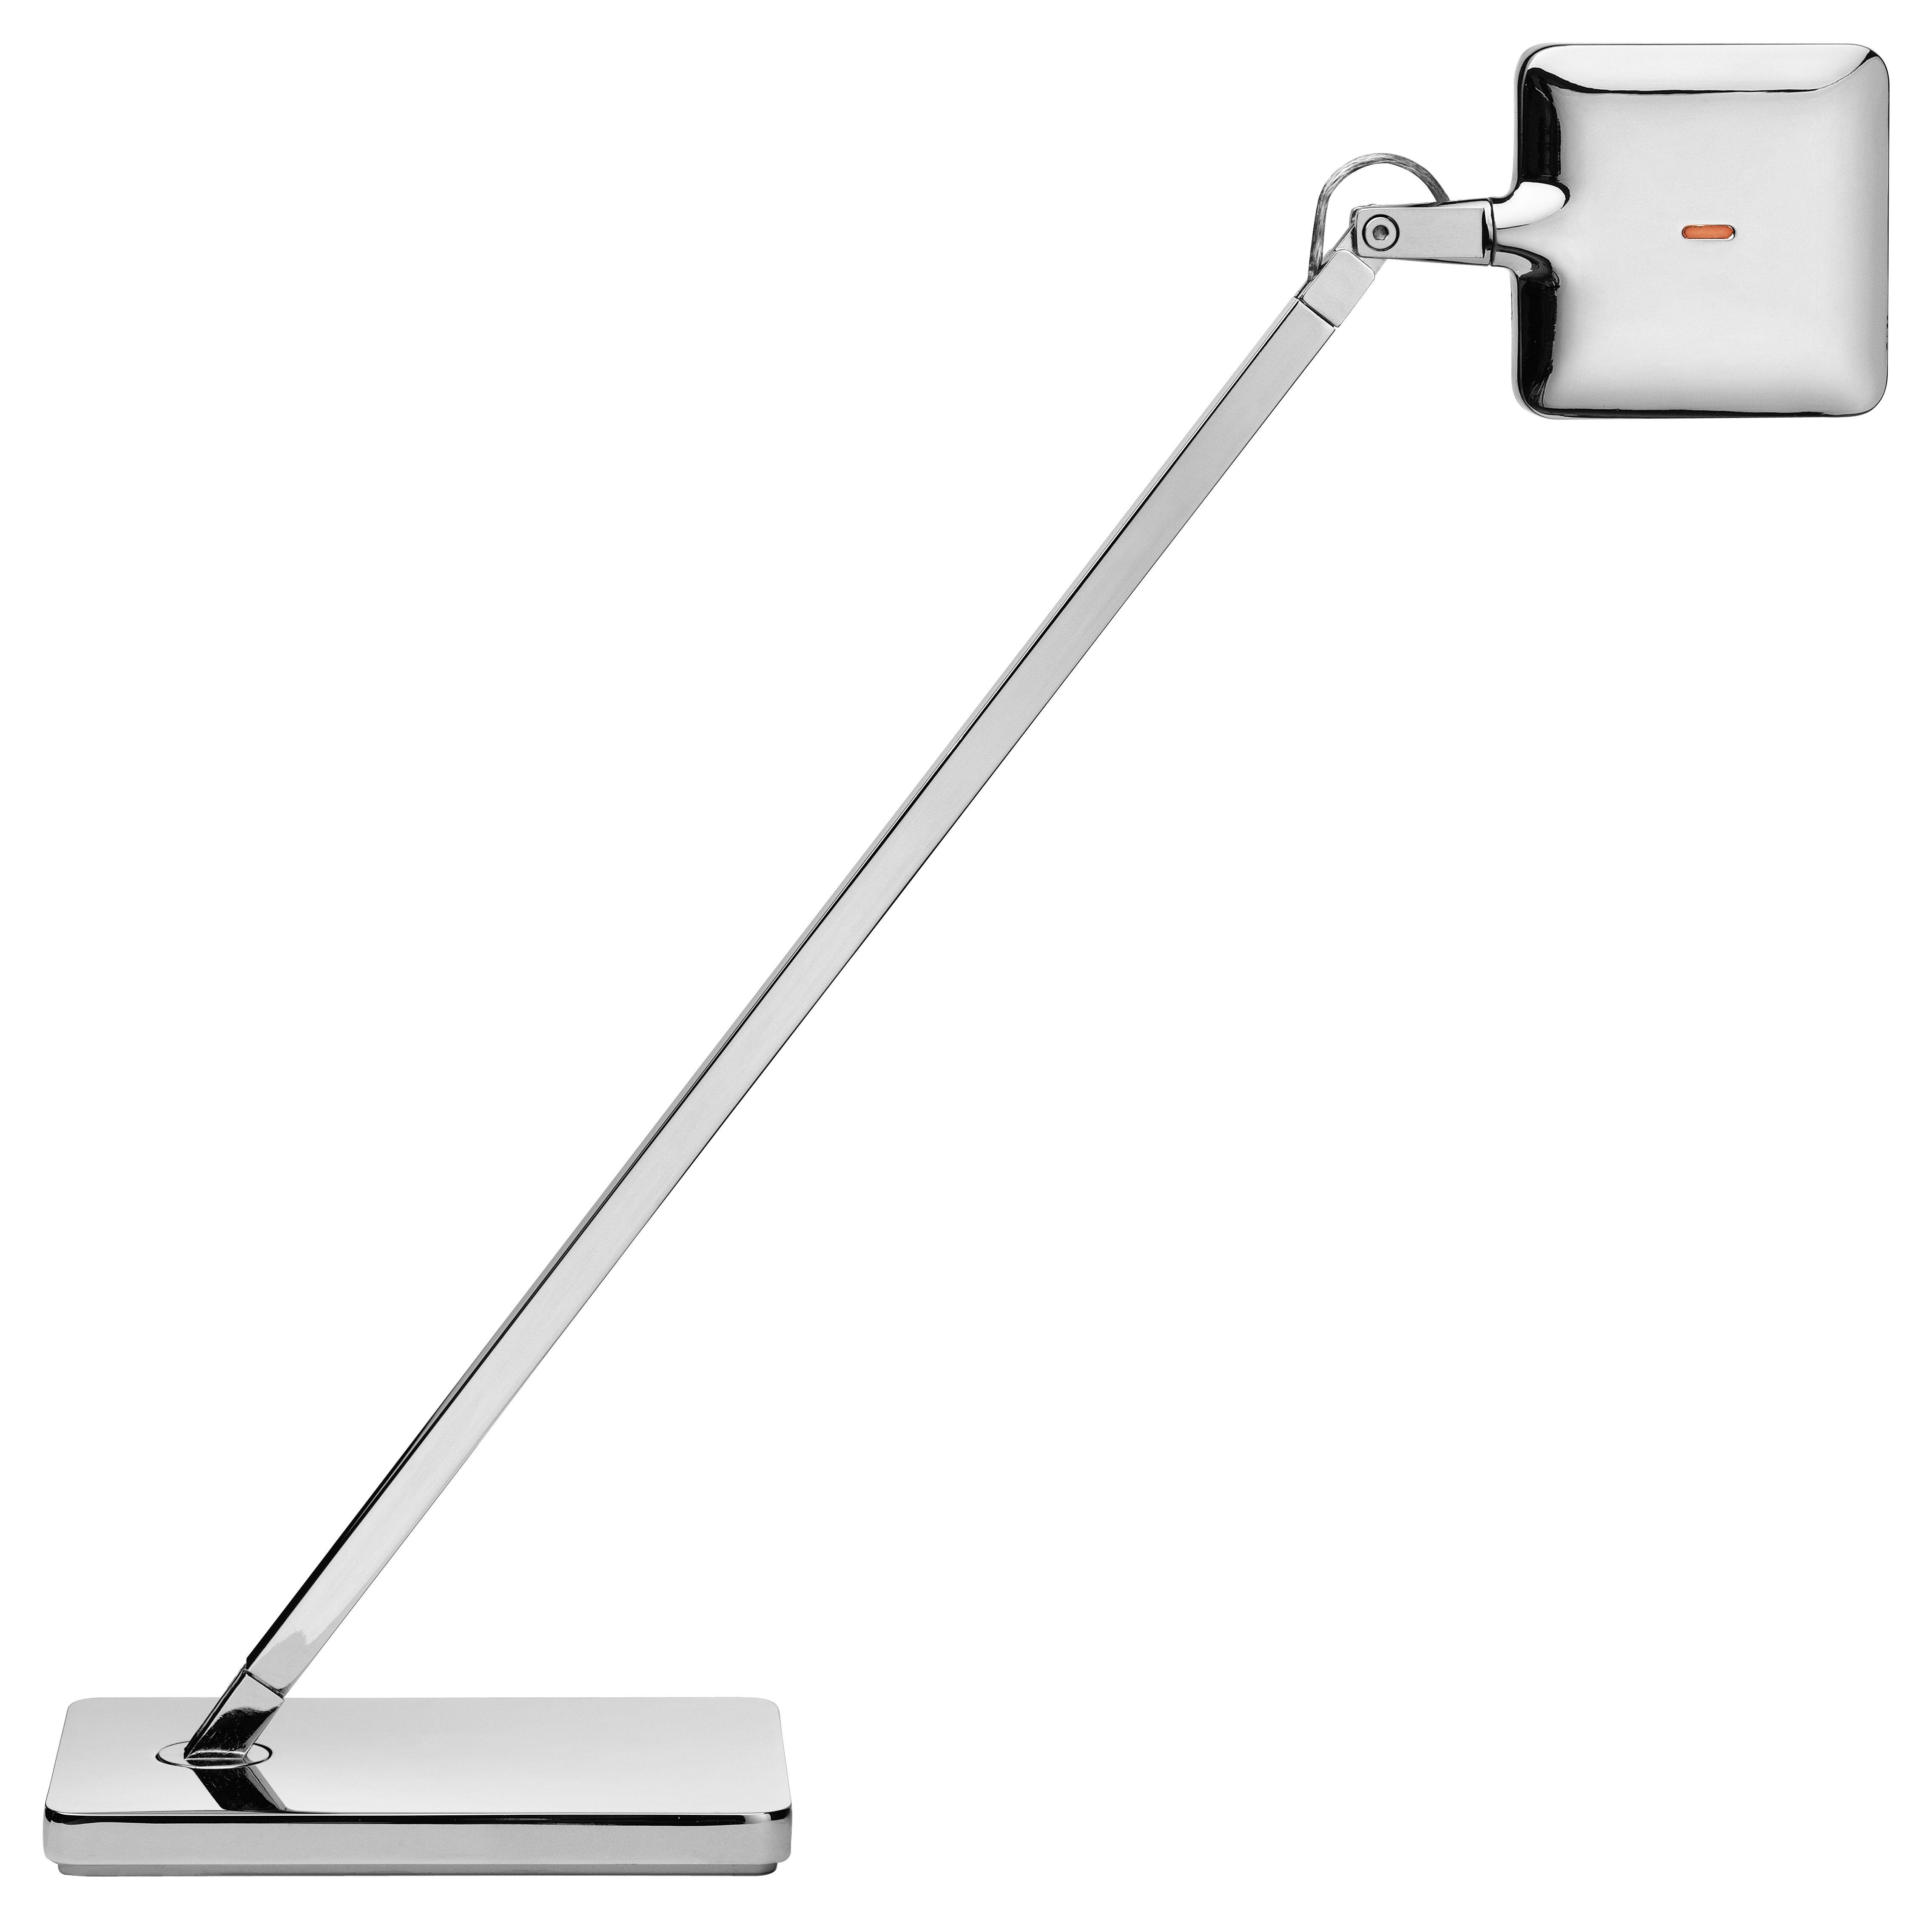 Luminaire - Lampes de table - Lampe de table Mini Kelvin LED - Flos - Chromé - Fonte d'aluminium, Méthacrylathe